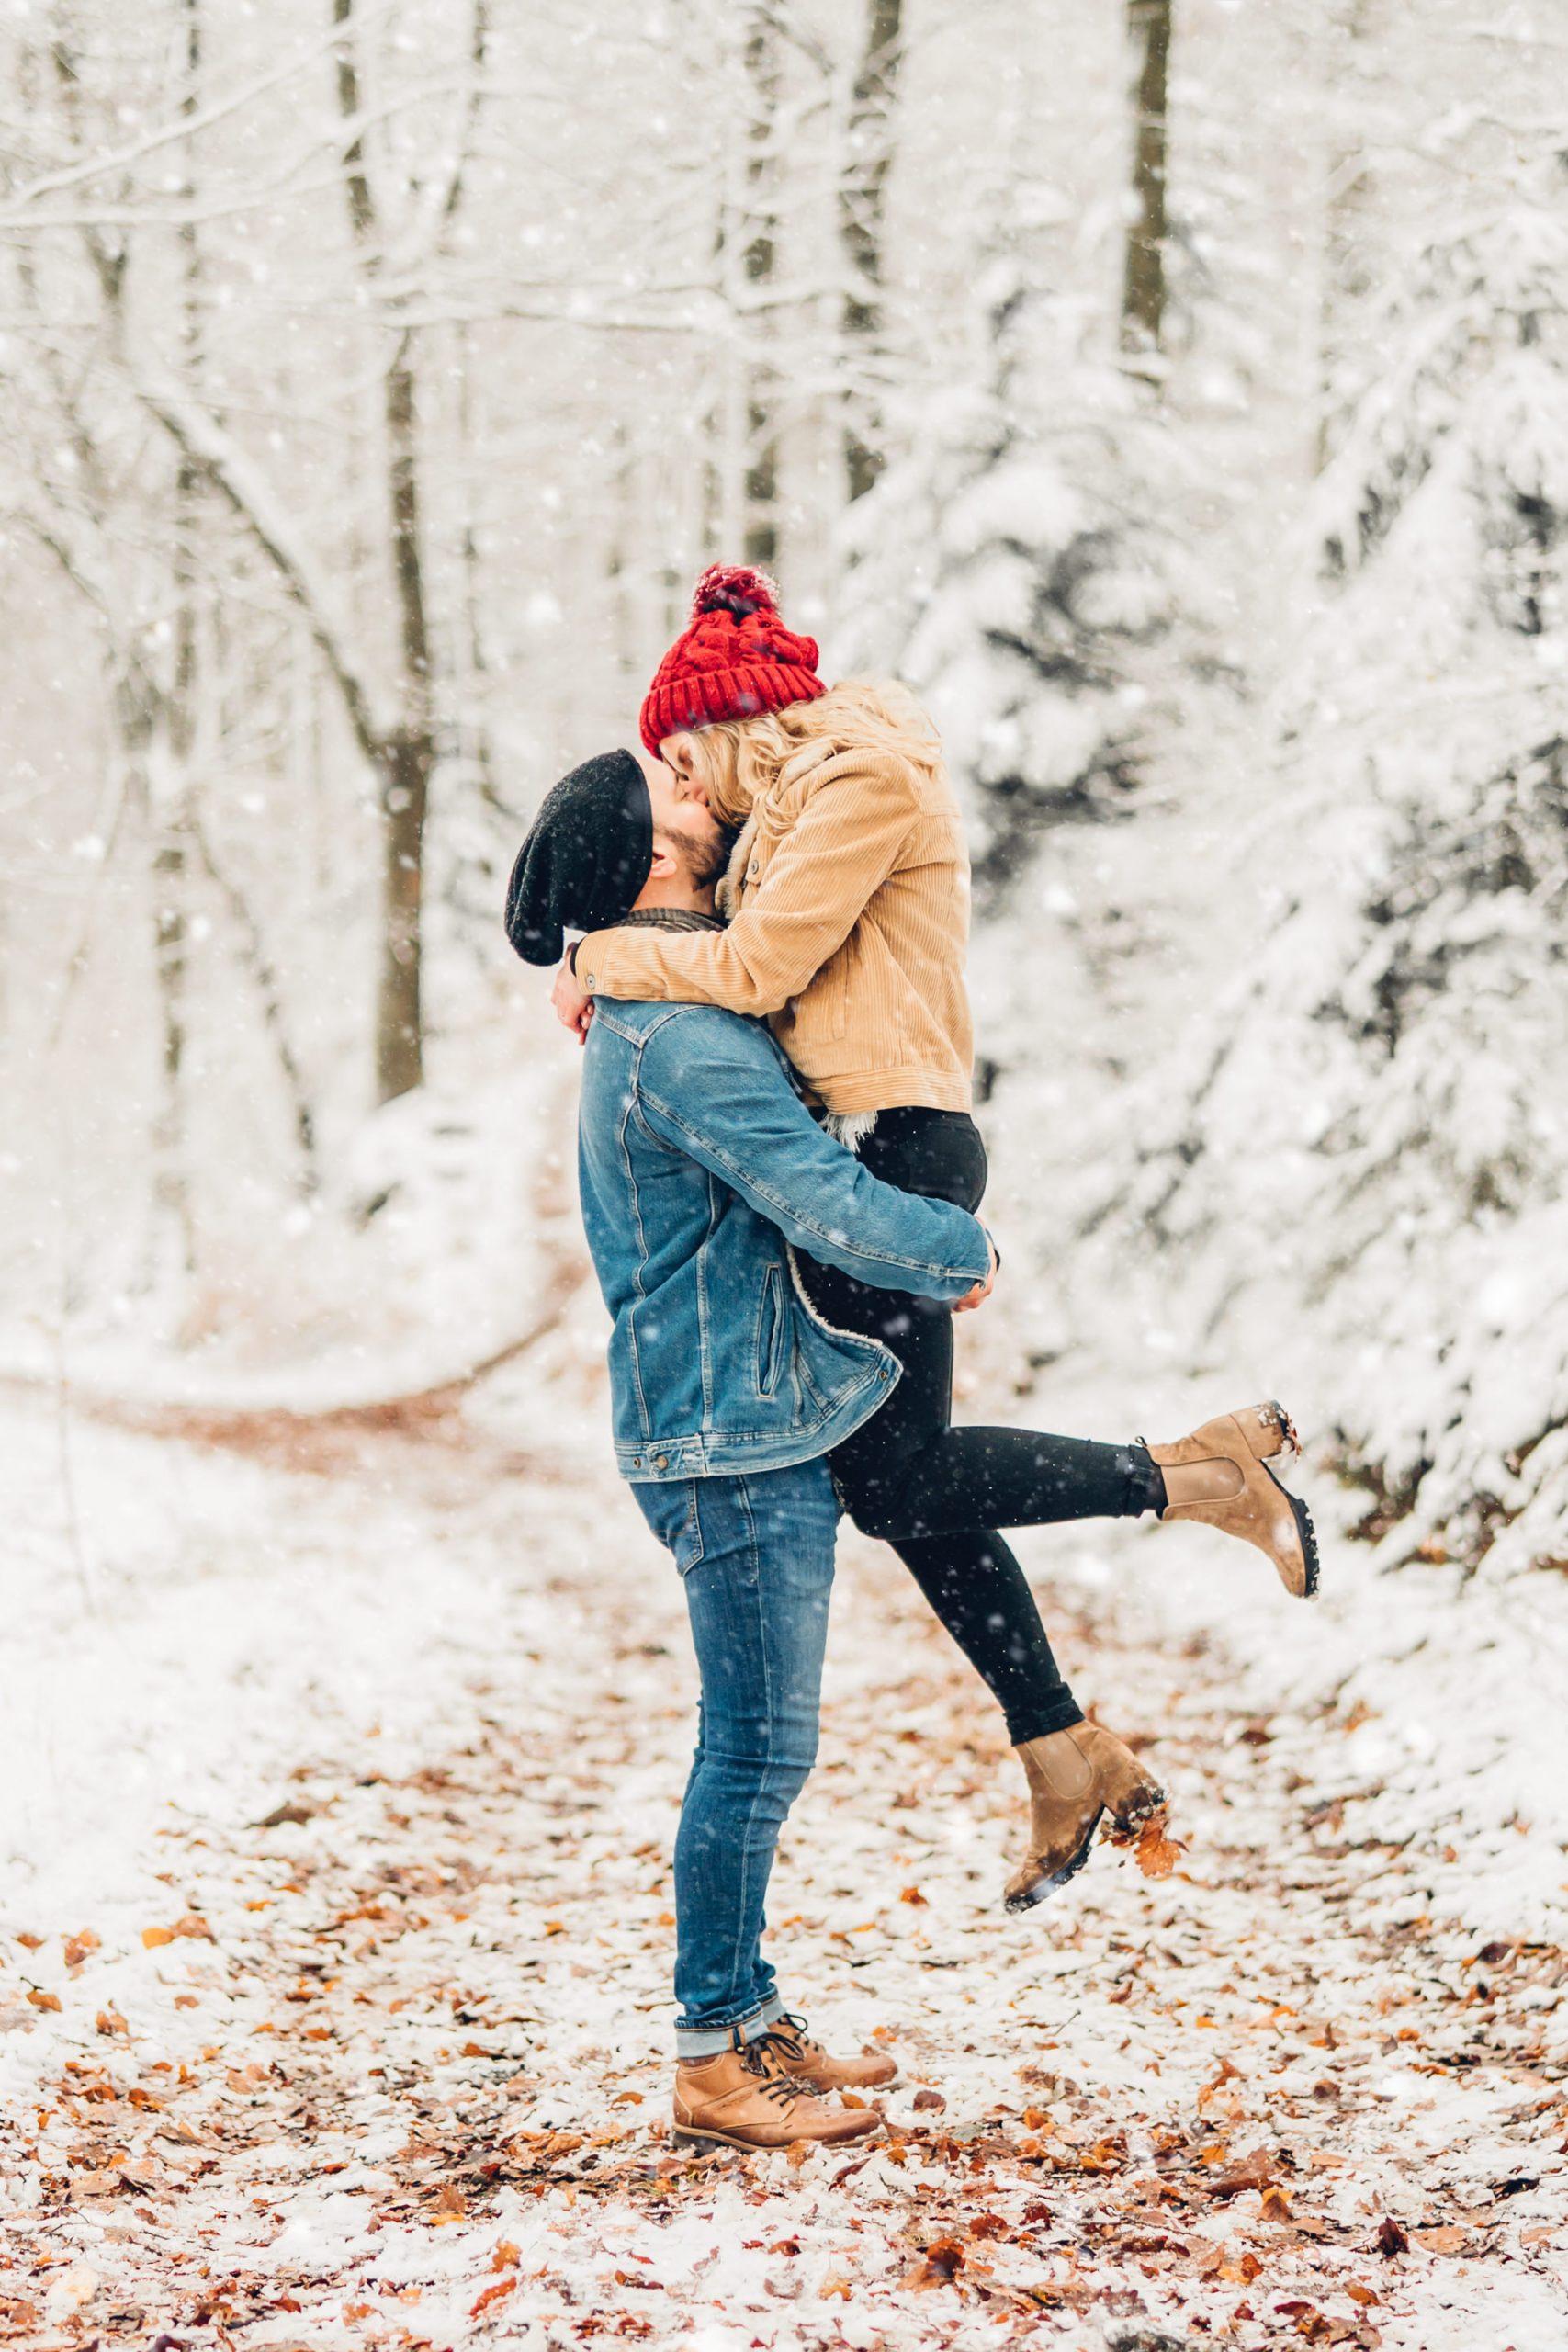 Winterliches Engagement Shooting im Schnee